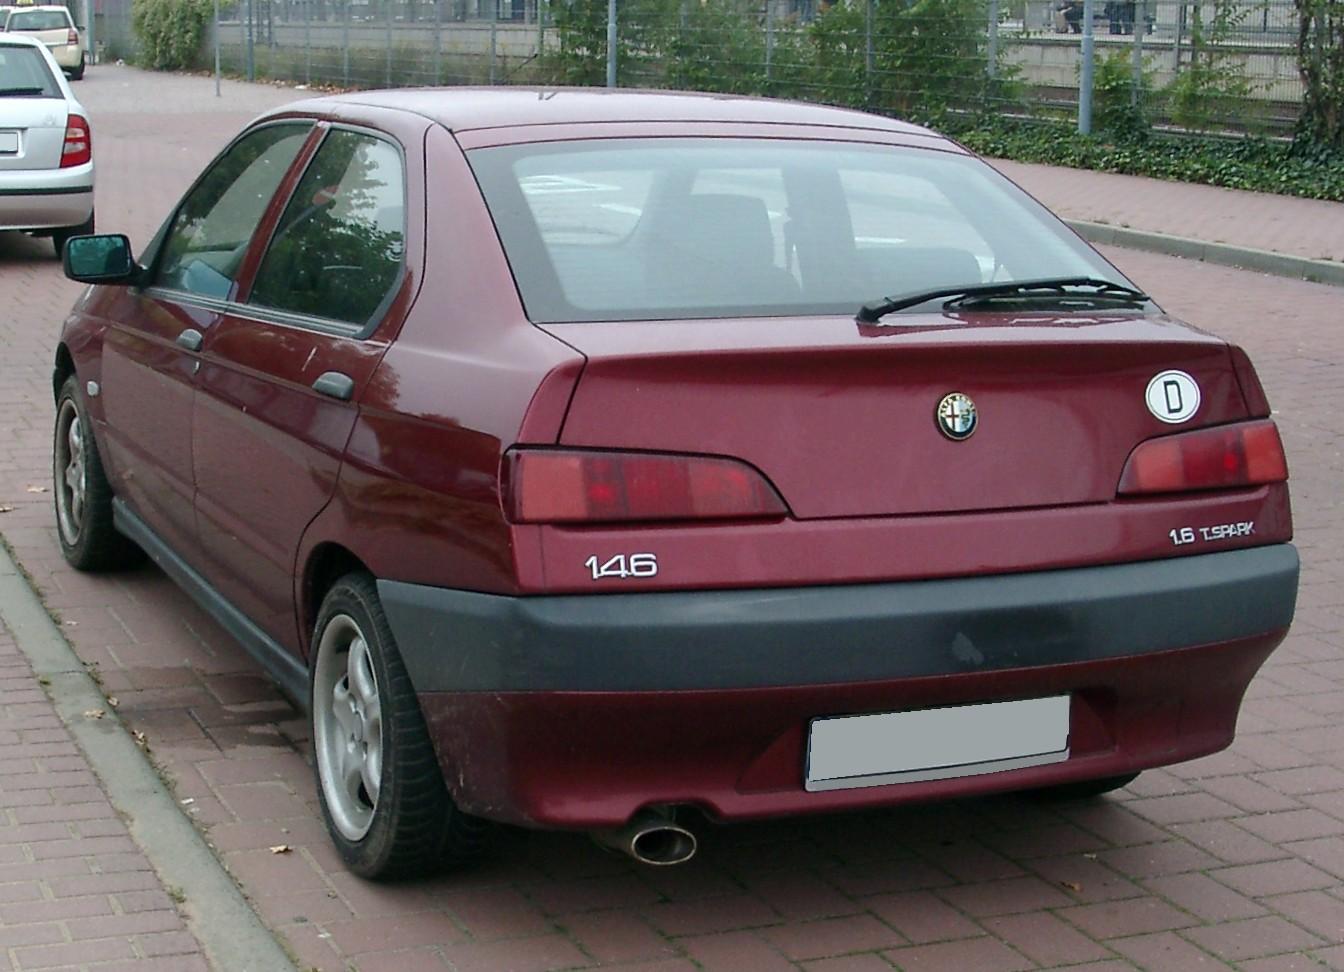 Файл:Alfa 146 rear 20071012.jpg